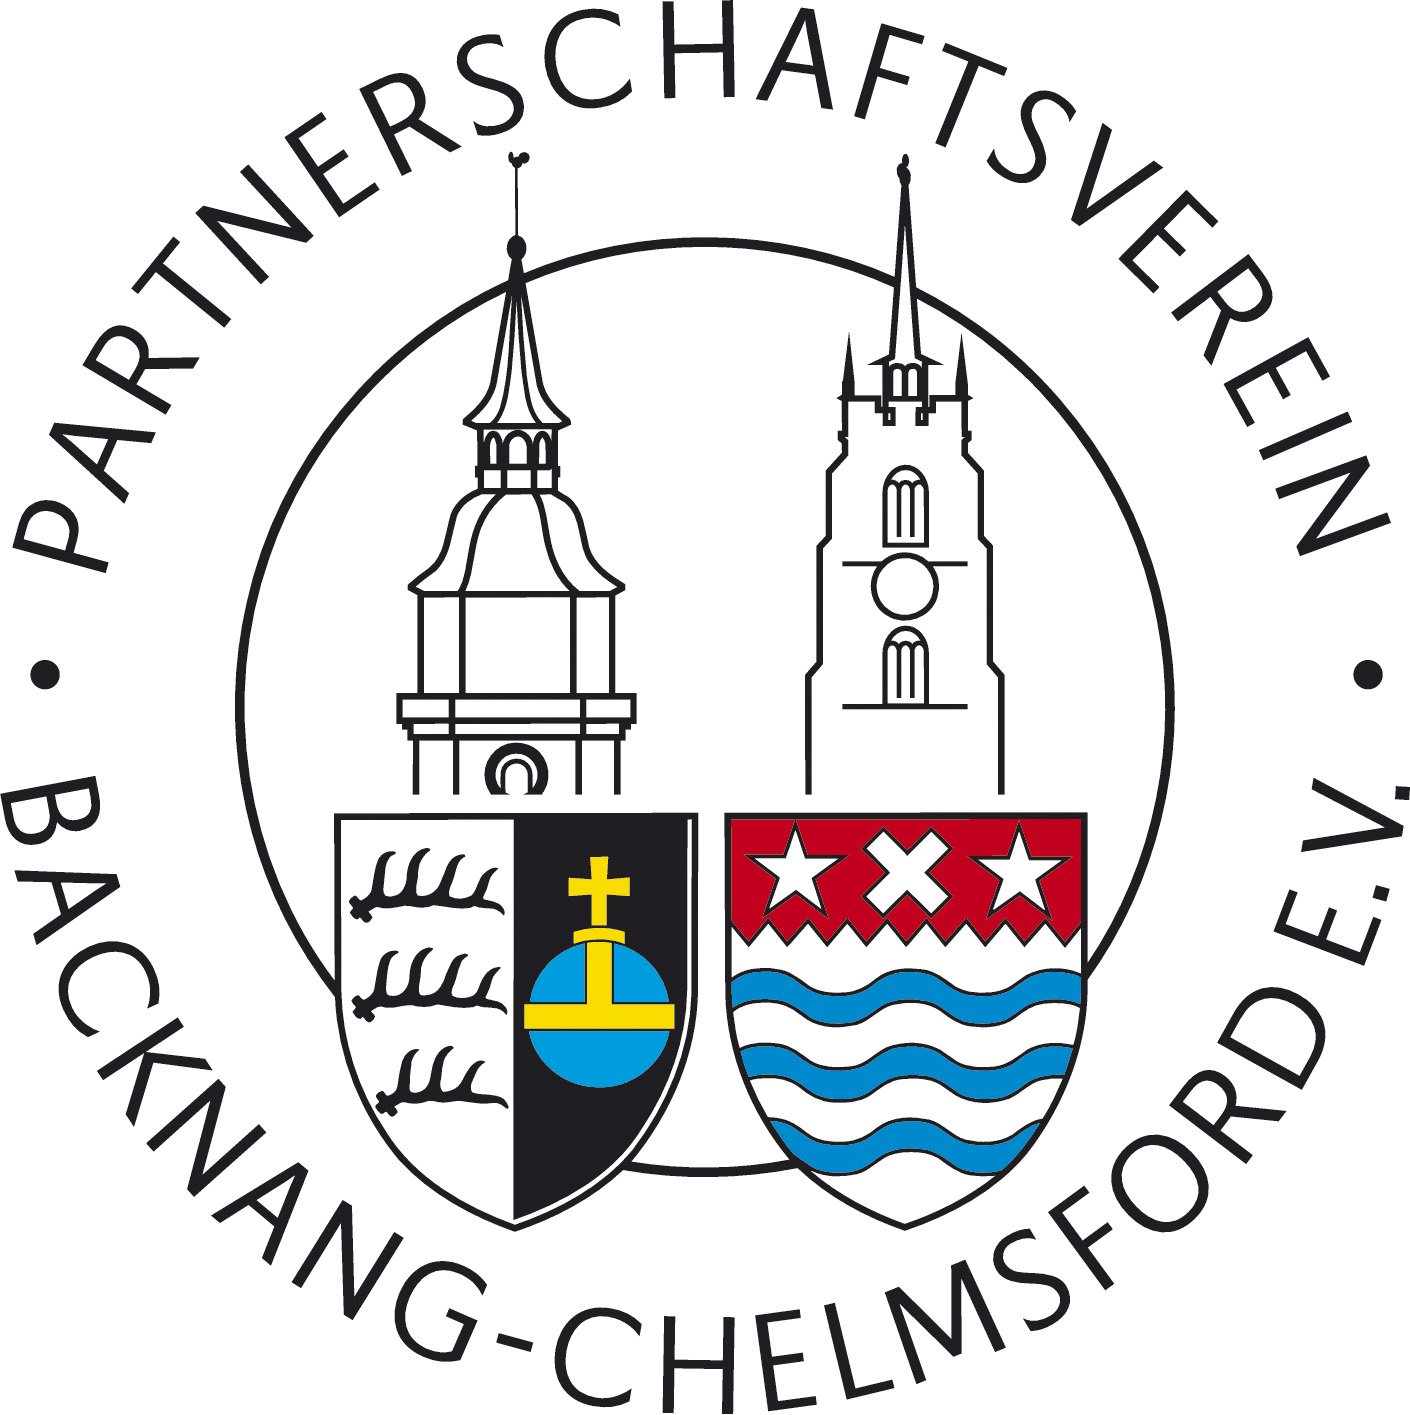 Partnerschaftsverein Backnang Chelmsford E V Partner Sponsoren